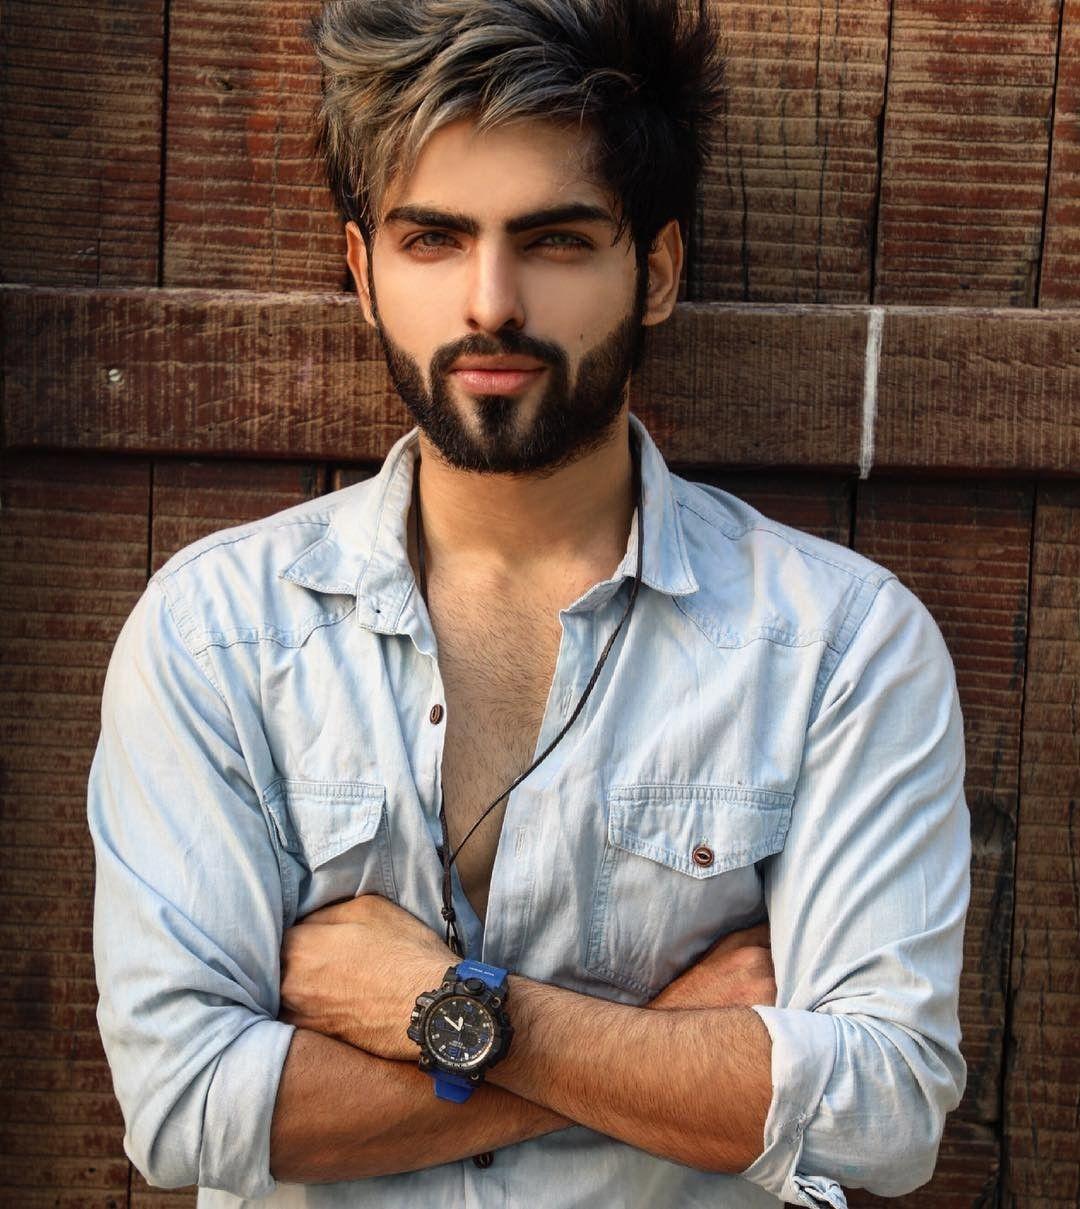 Pin By Hafeez Dada On Juv N Shah Asma Shah Beard Styles Short Beard Styles For Men Beard Styles